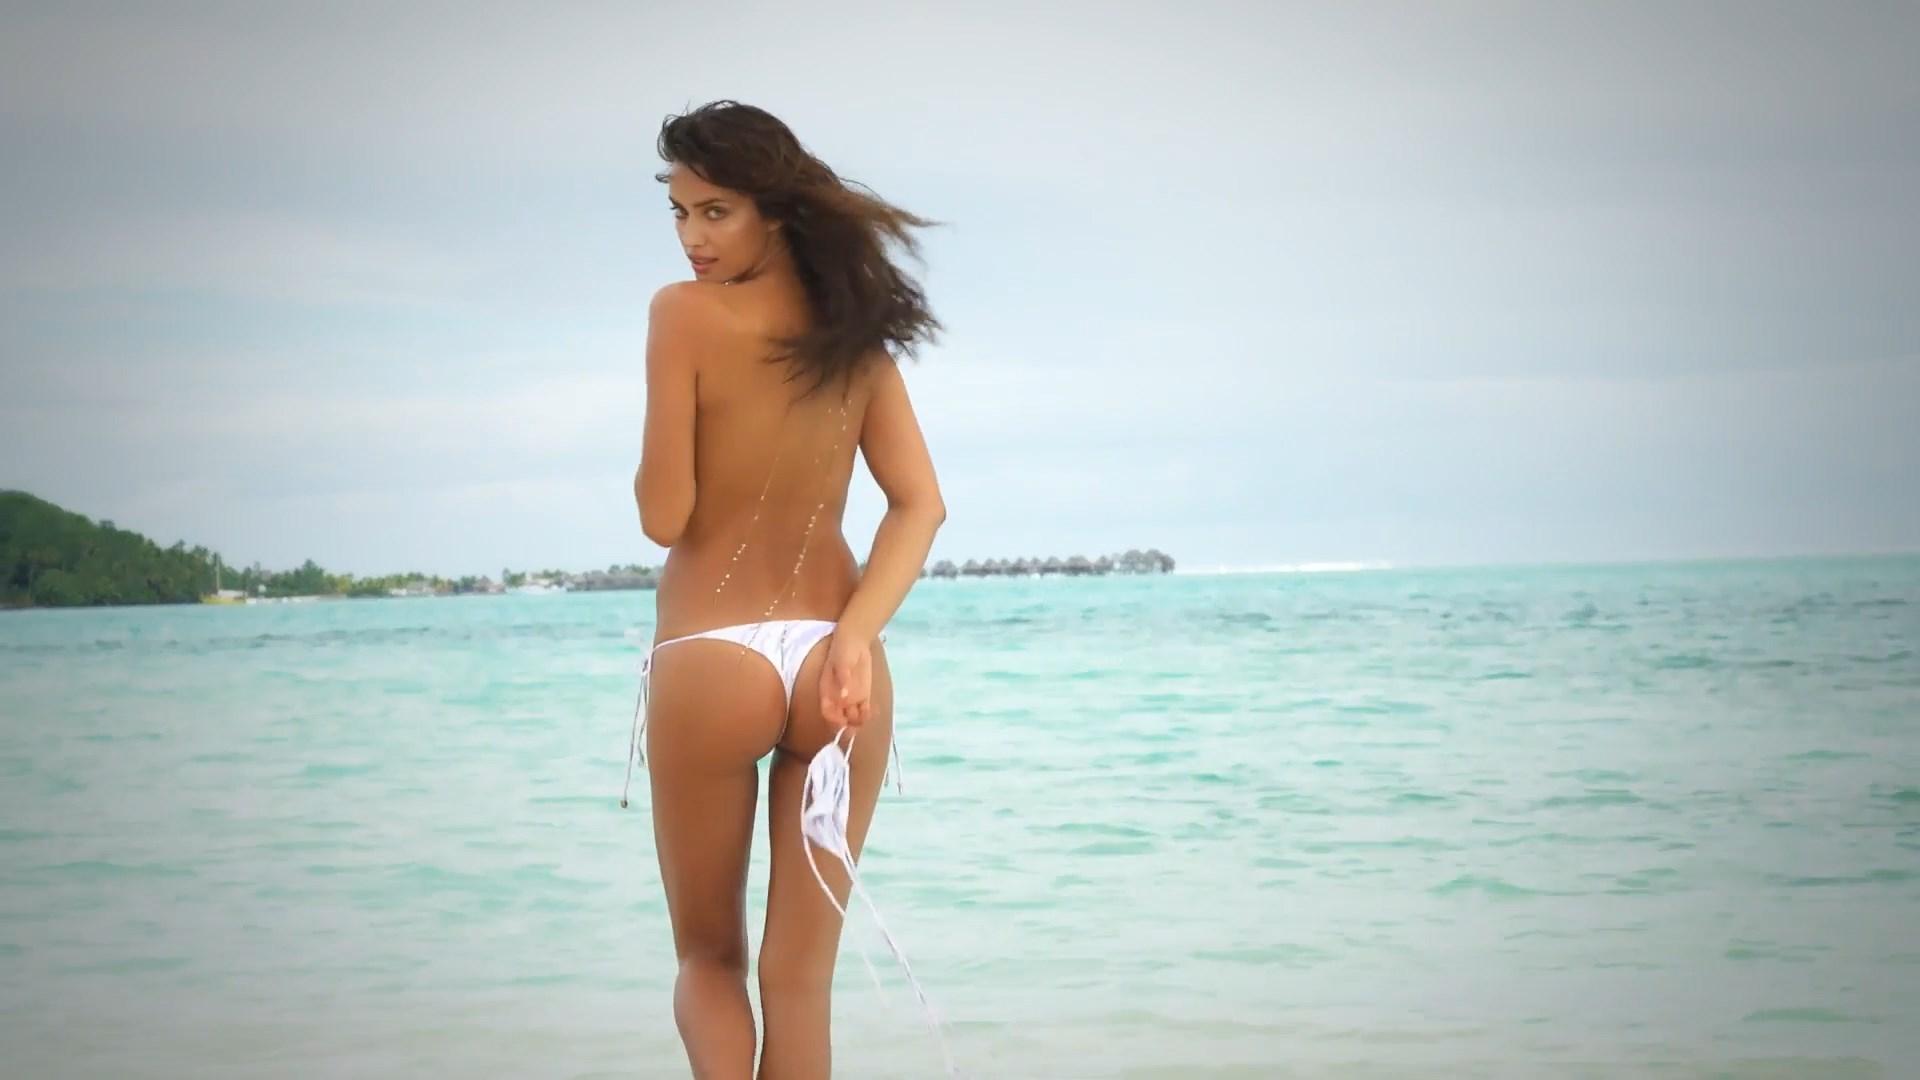 Irina Shayk nipples exposed